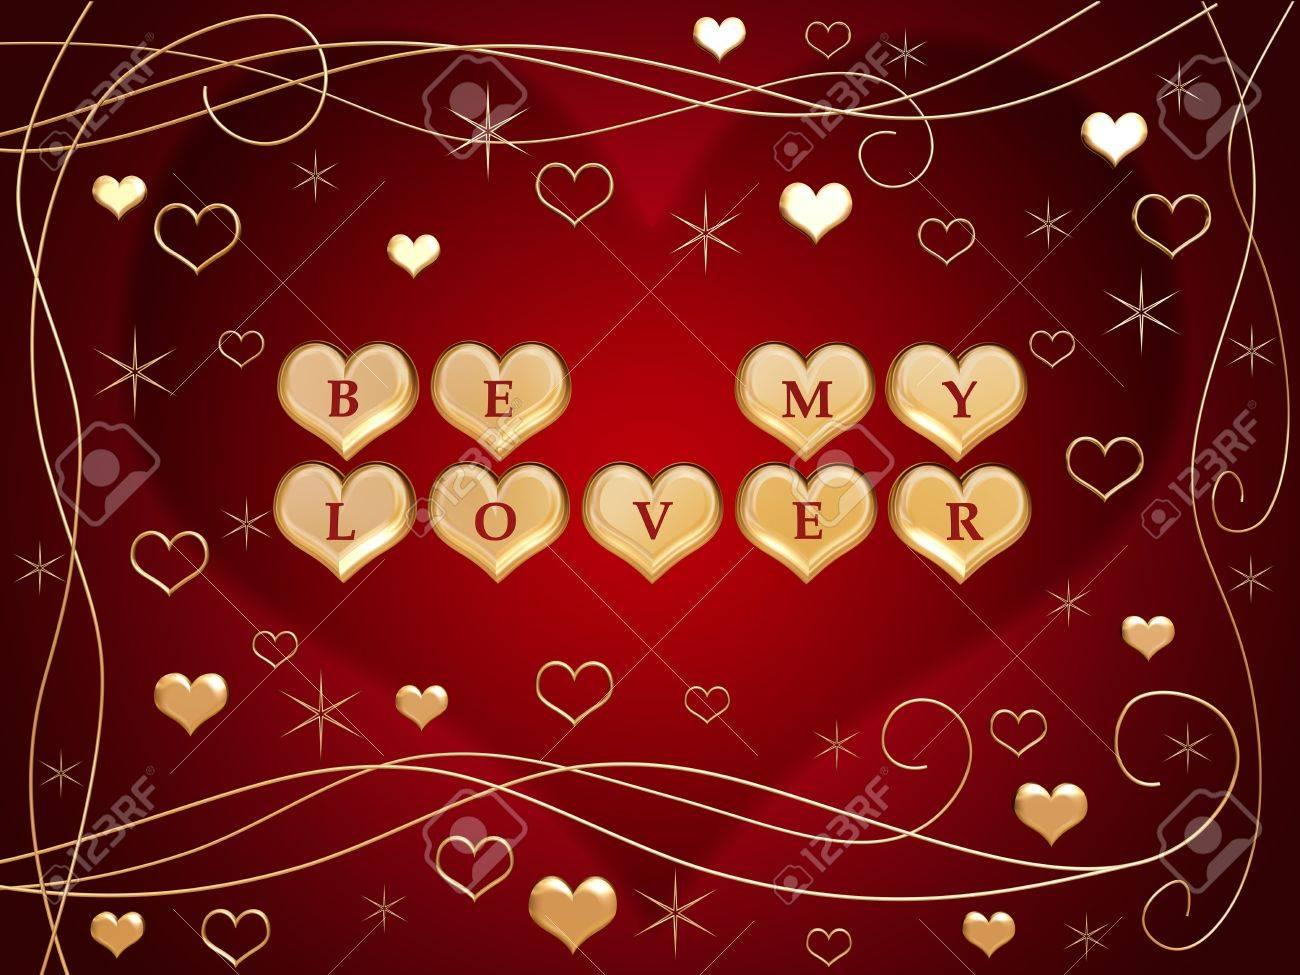 Les Lettres De Coeurs Or Rouge 3d Texte être Mon Amant Des Fleurs Des étoiles